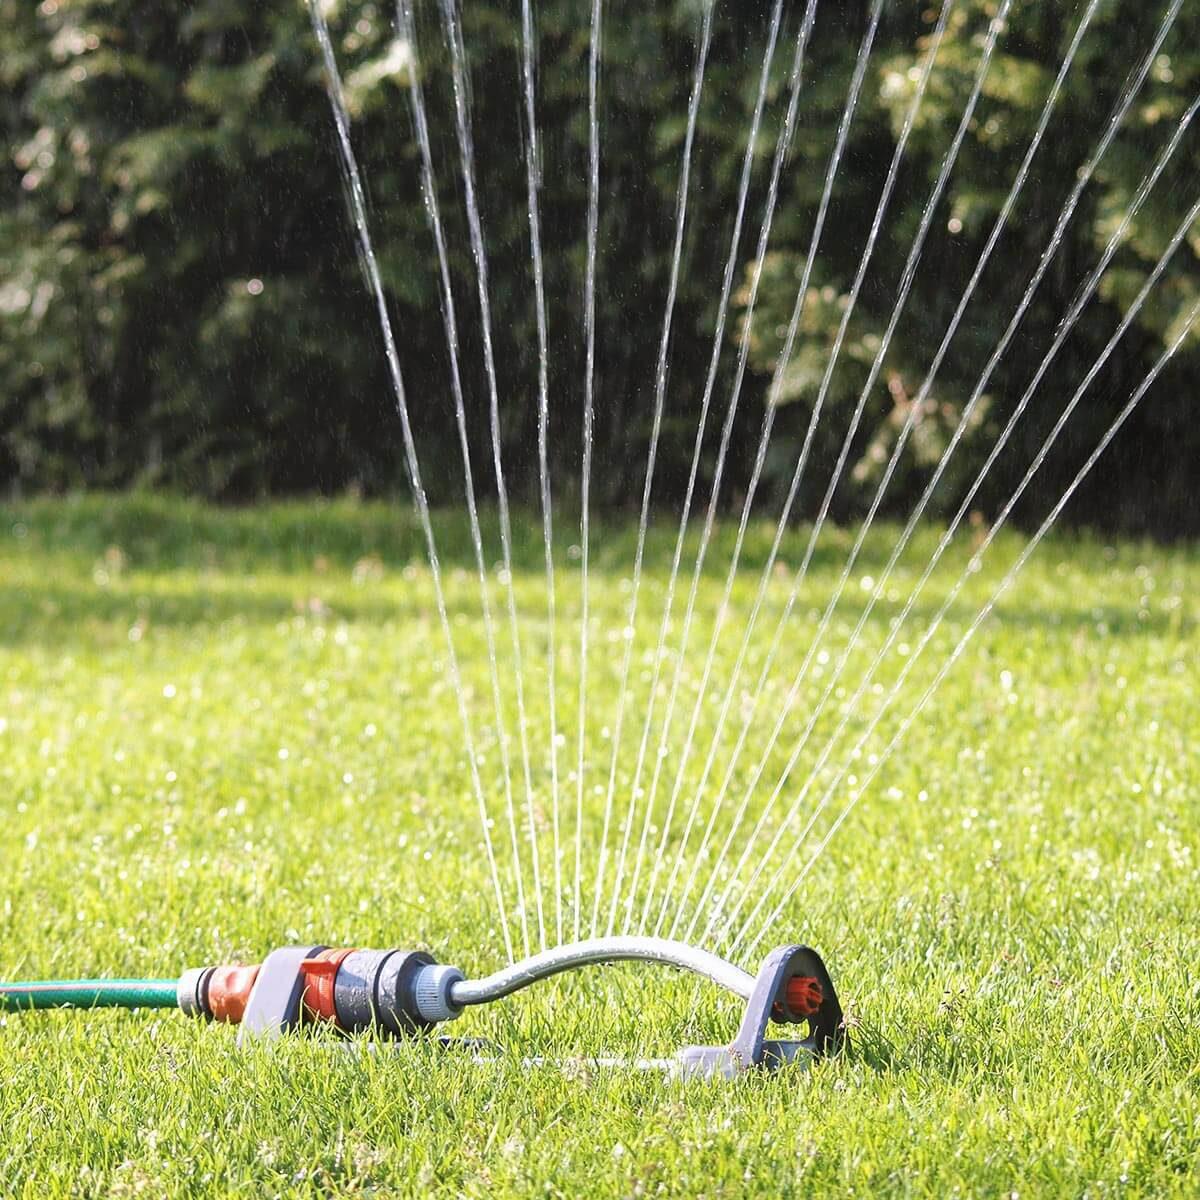 Az öntözőrendszer gondoskodik arról, hogy kerted növényei hidratáltak maradjanak, mely egy központi vezérlő által automatizálható.